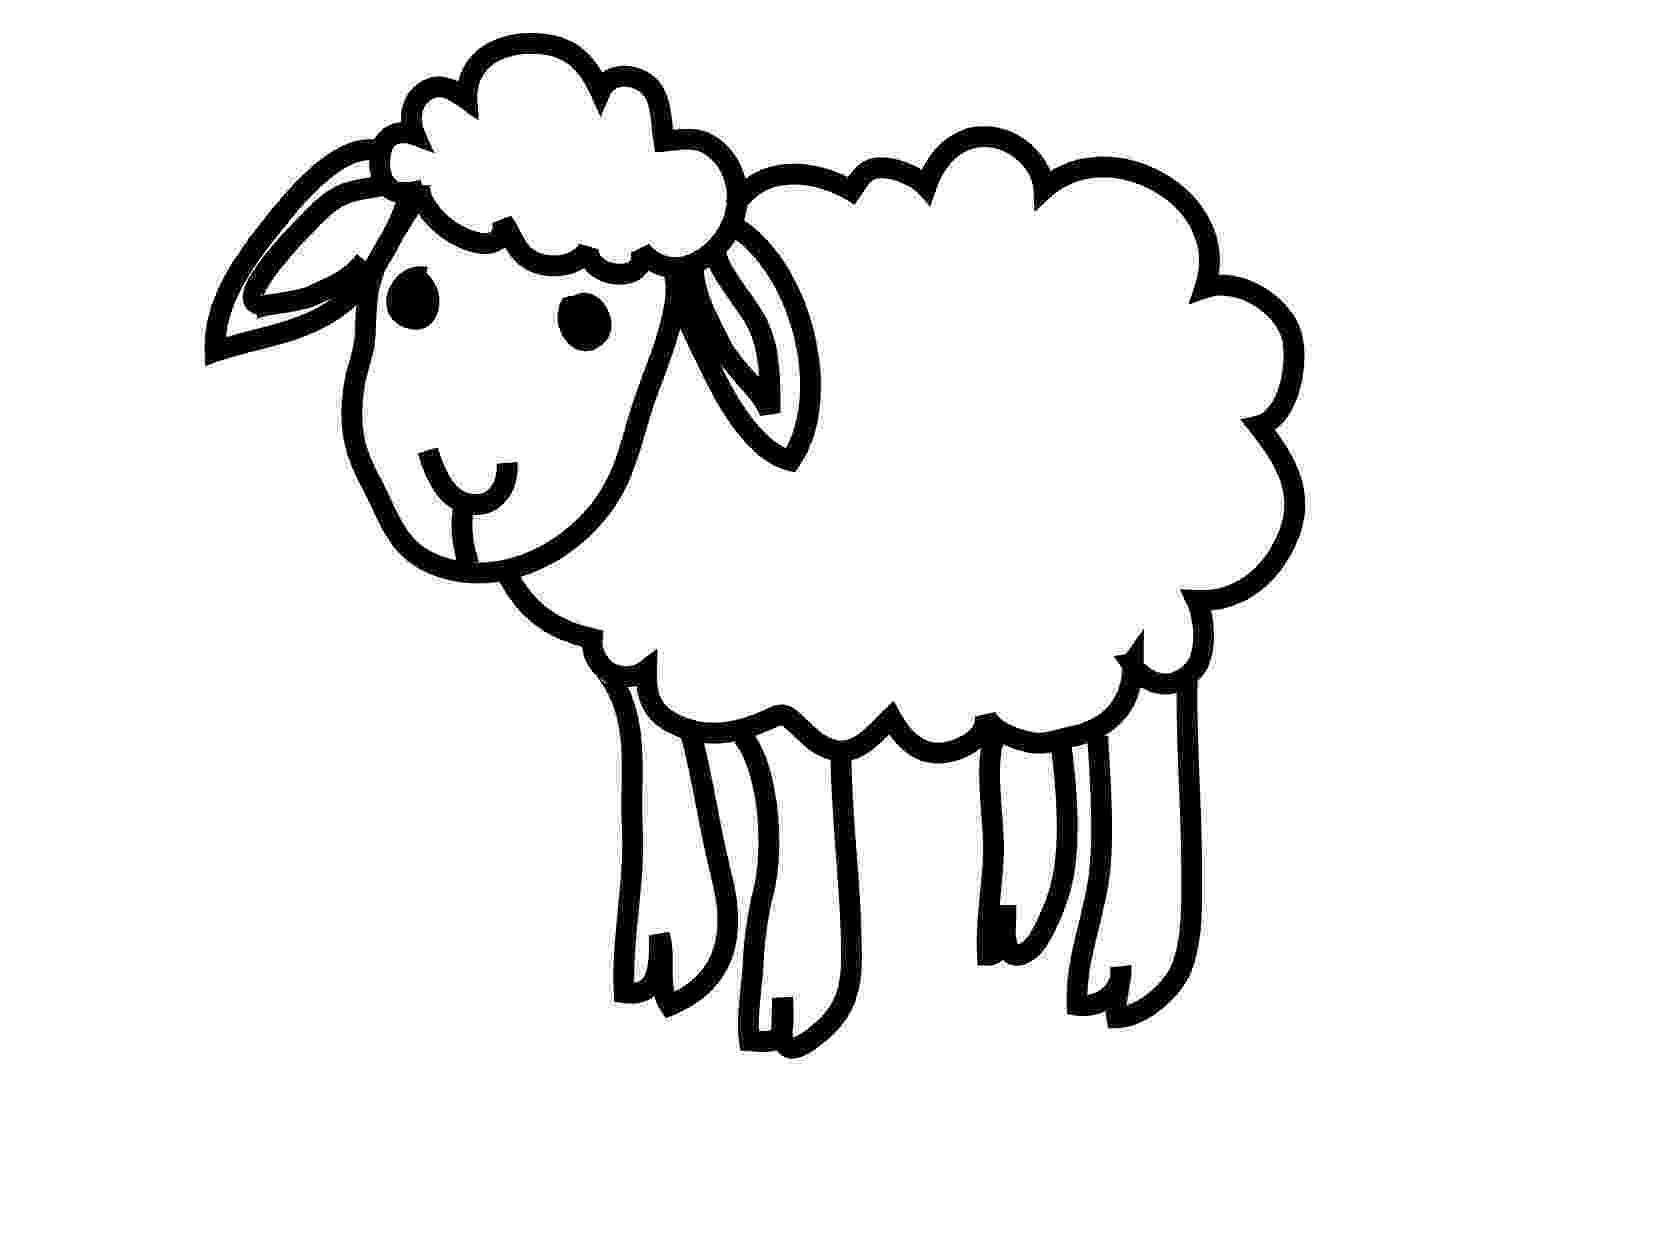 fotos de ovejas para imprimir ᐈ dibujos de ovejasguiabellas fotos de ovejas animadas ovejas para fotos imprimir de